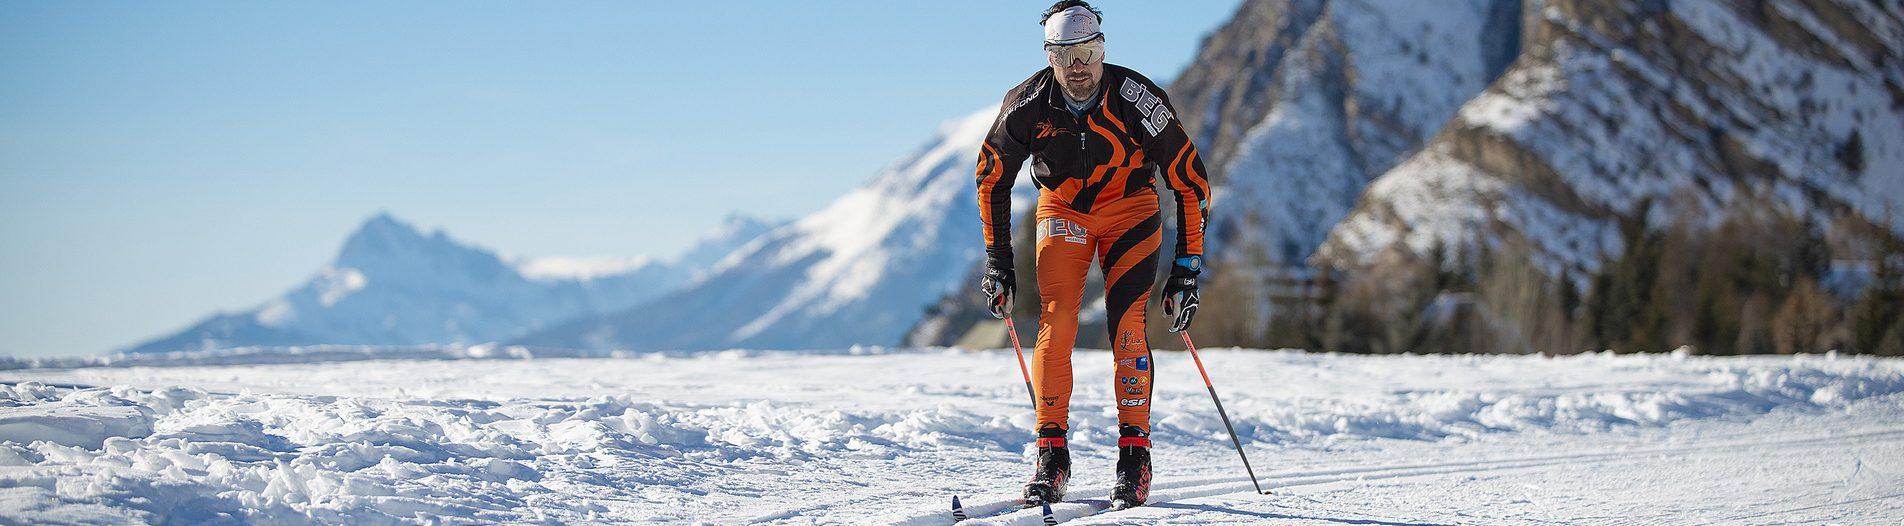 bisCrevoux_Biathlon_6.02.2019-28